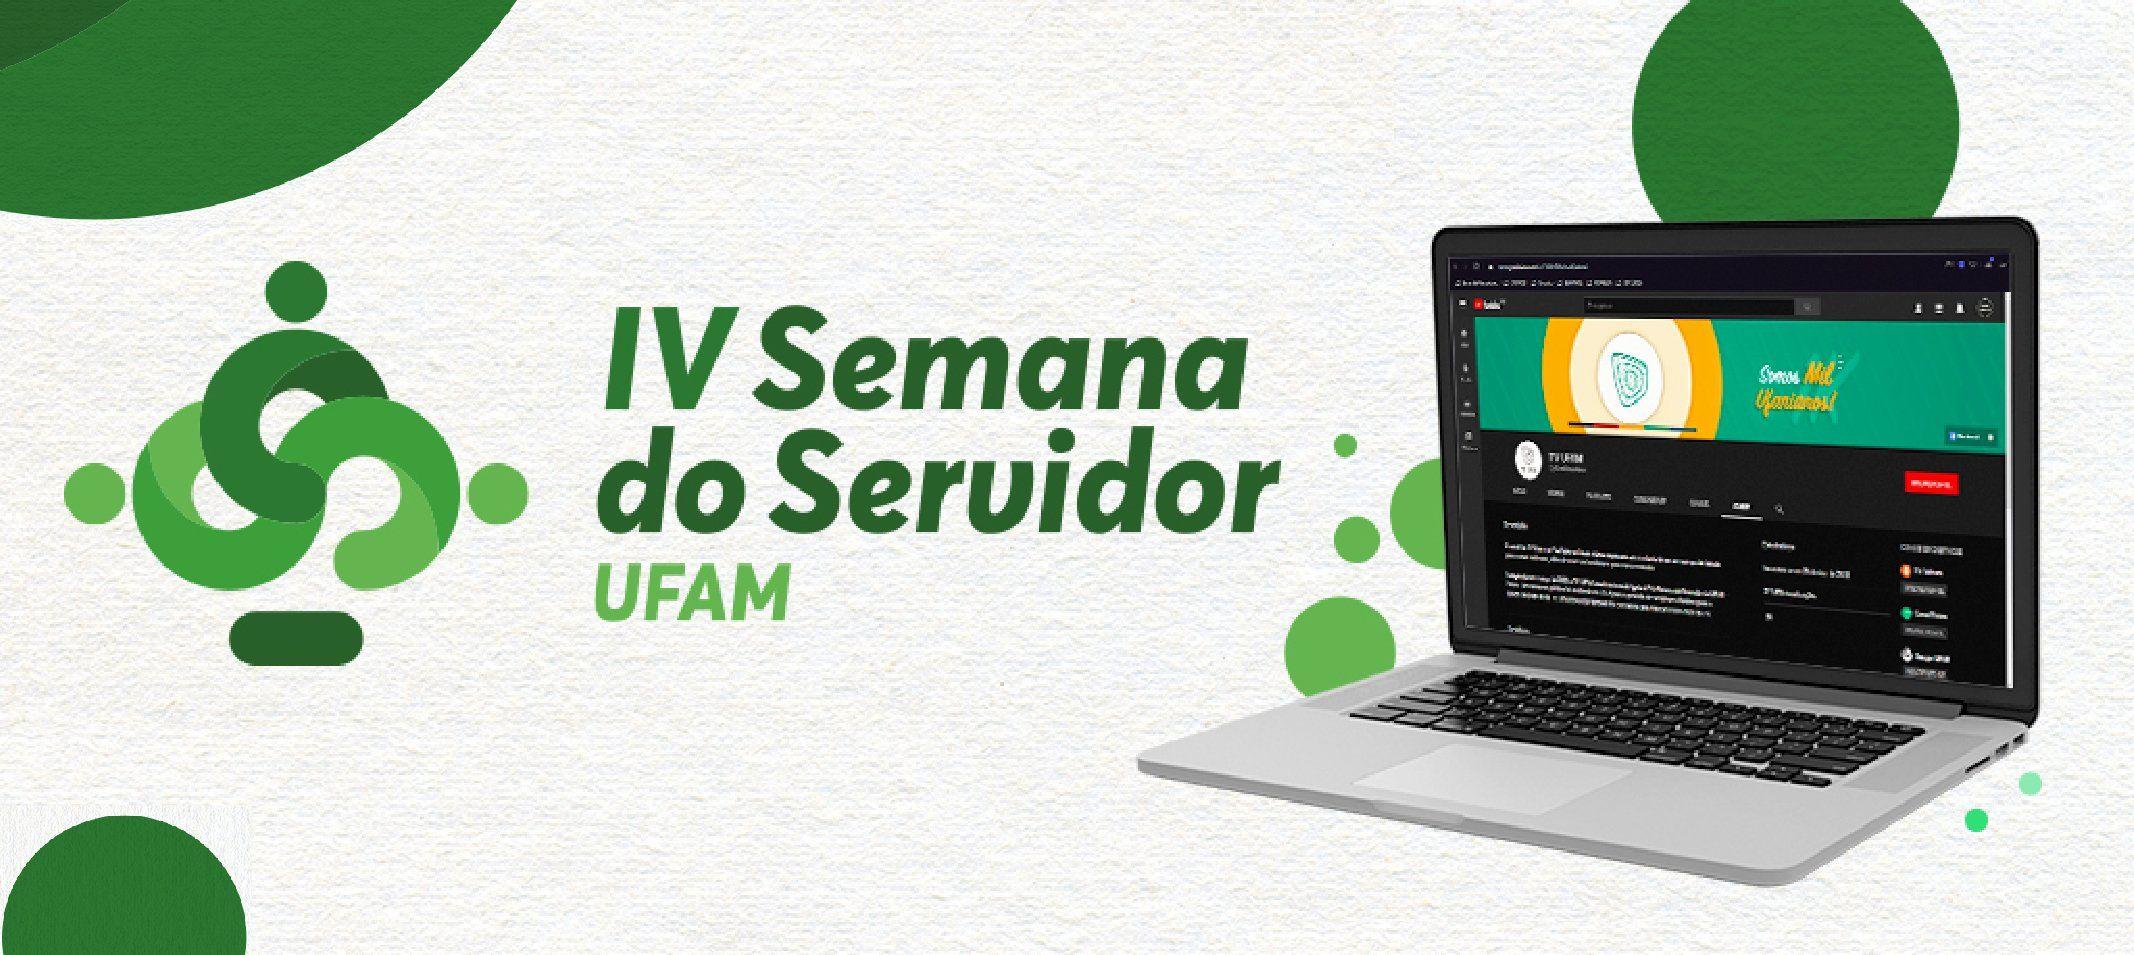 Ufam realiza evento online em homenagem aos servidores